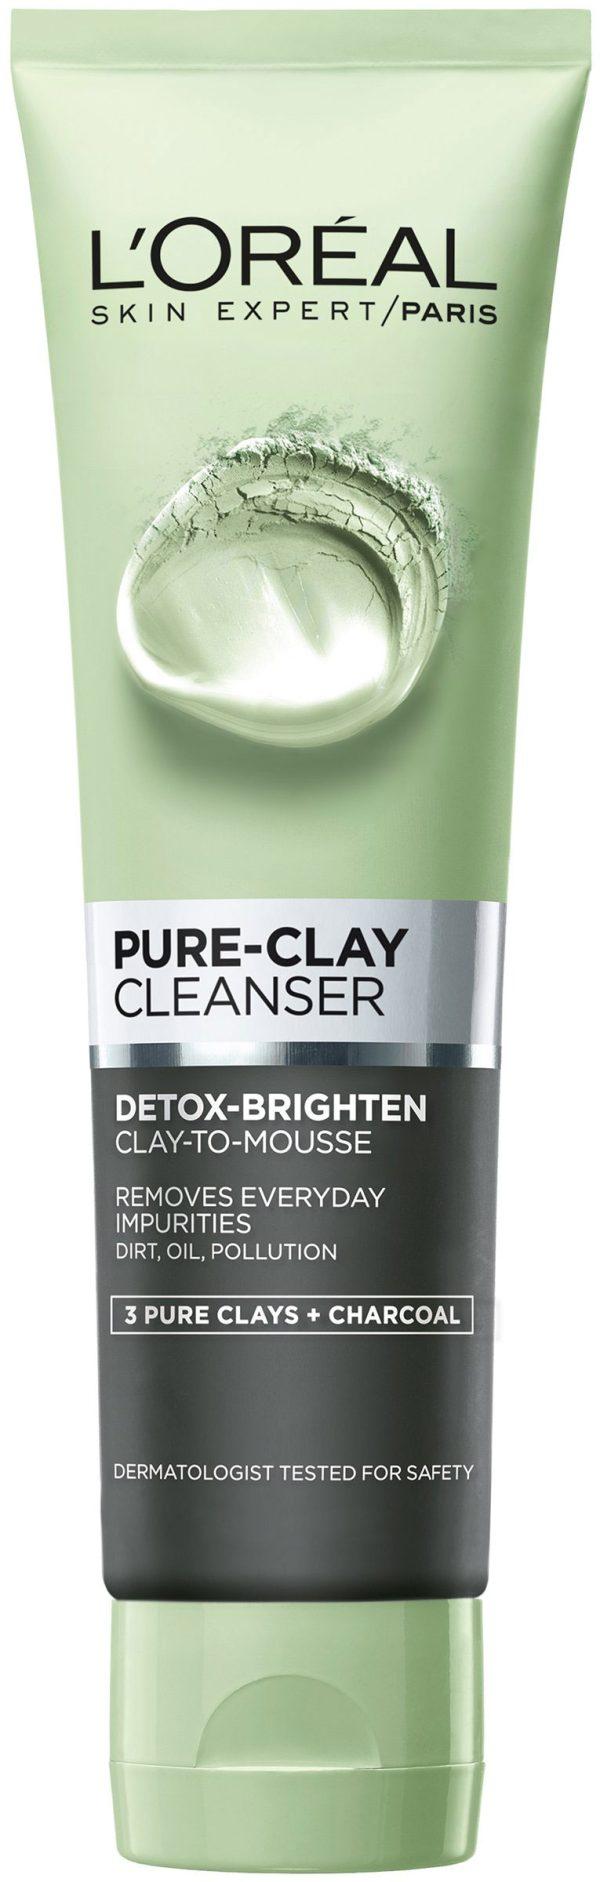 תרחיץ פנים שחור 150 מ״ל Pure Clay Cleanser 3 Pure Clays +Charcoal